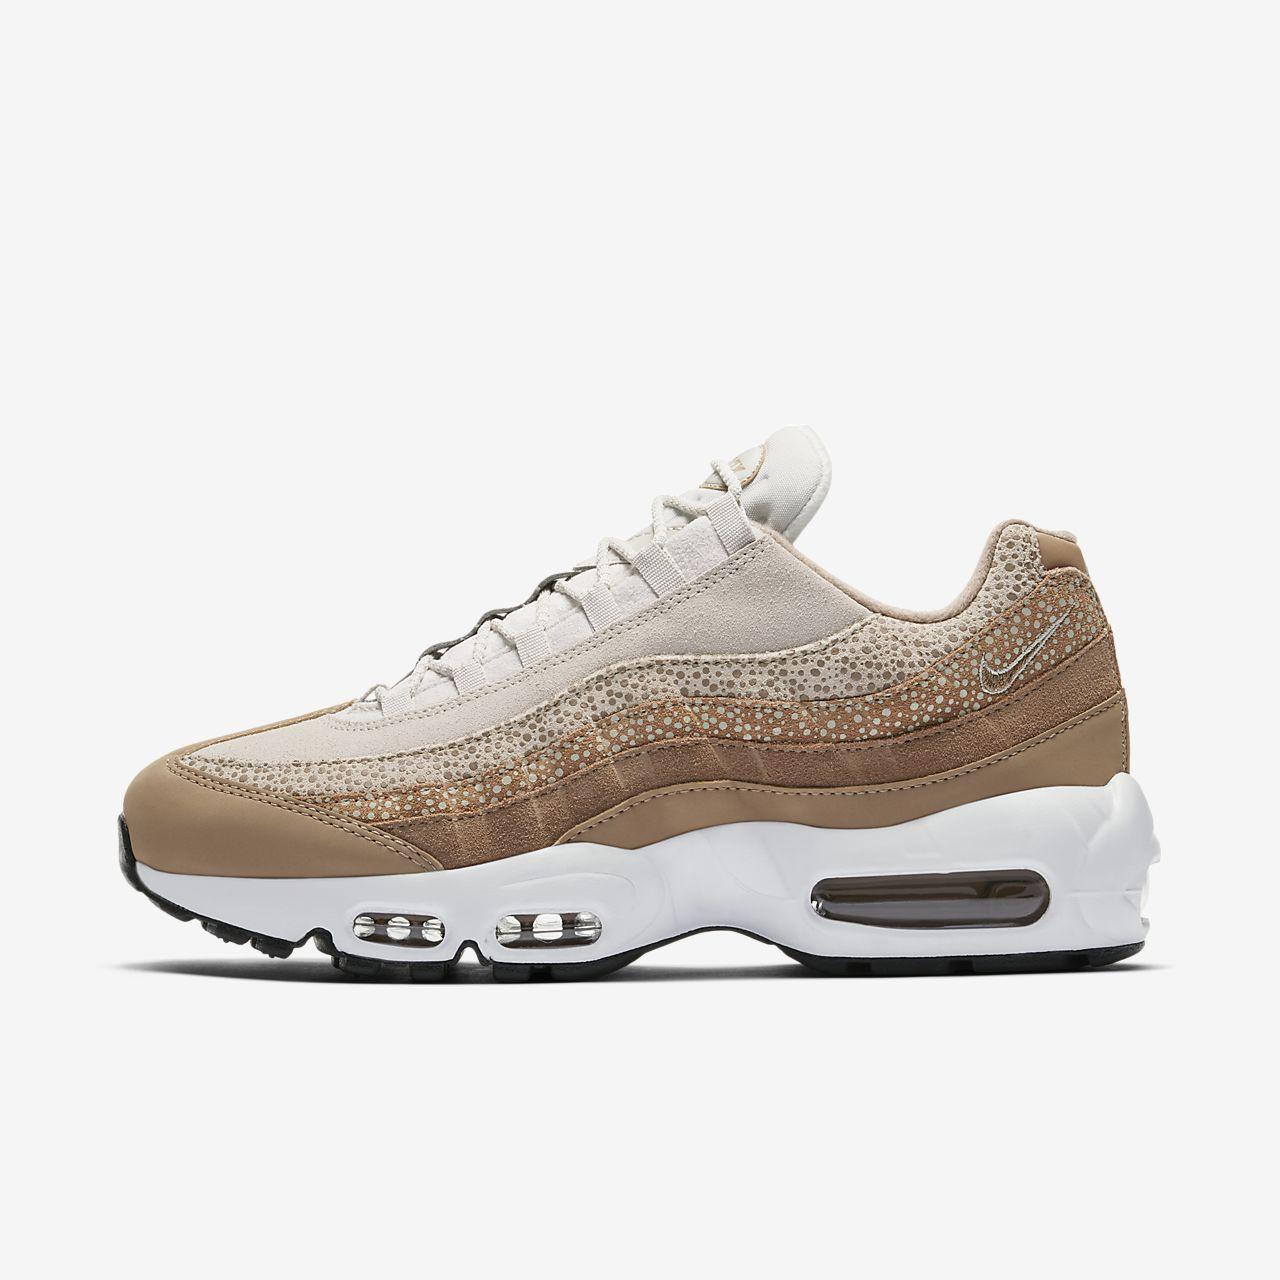 044629d47e 50% off chaussure nike air max 95 premium contrast pour femme 864ba 587c2